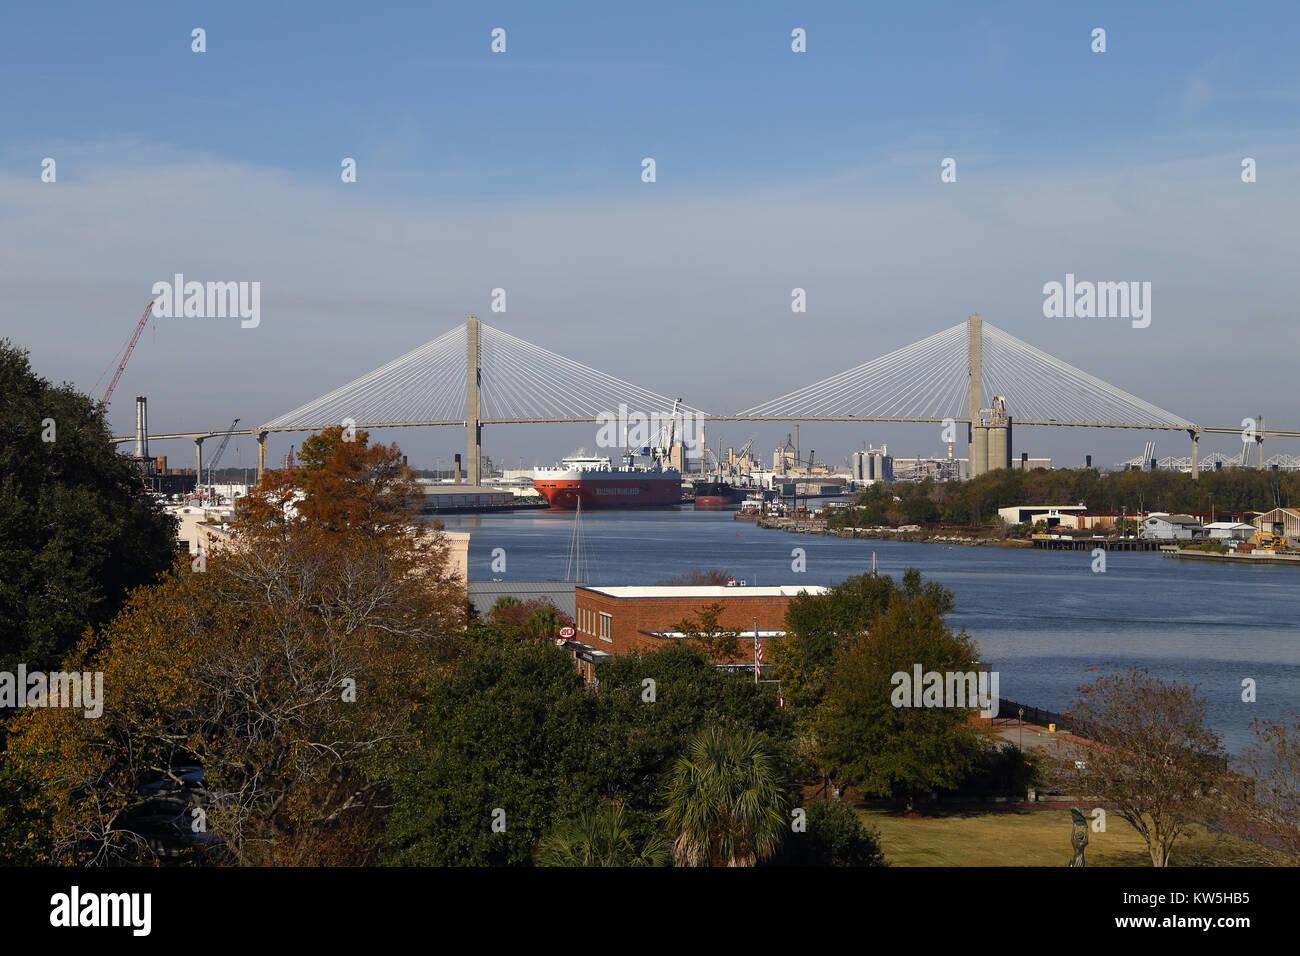 View of the port of Savannah Georgia and Talmadge Memorial bridge. - Stock Image